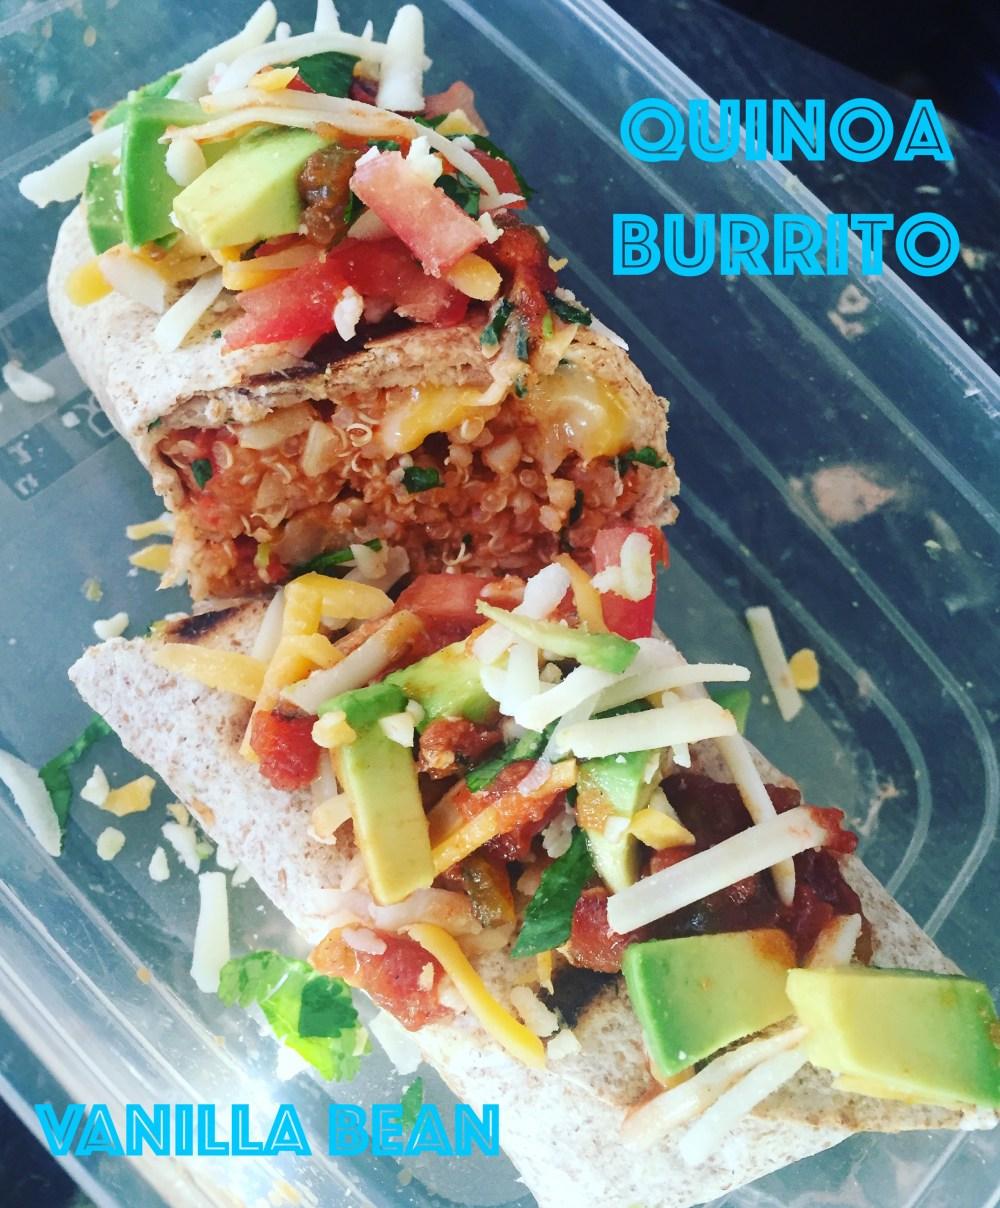 Lunch box burrito